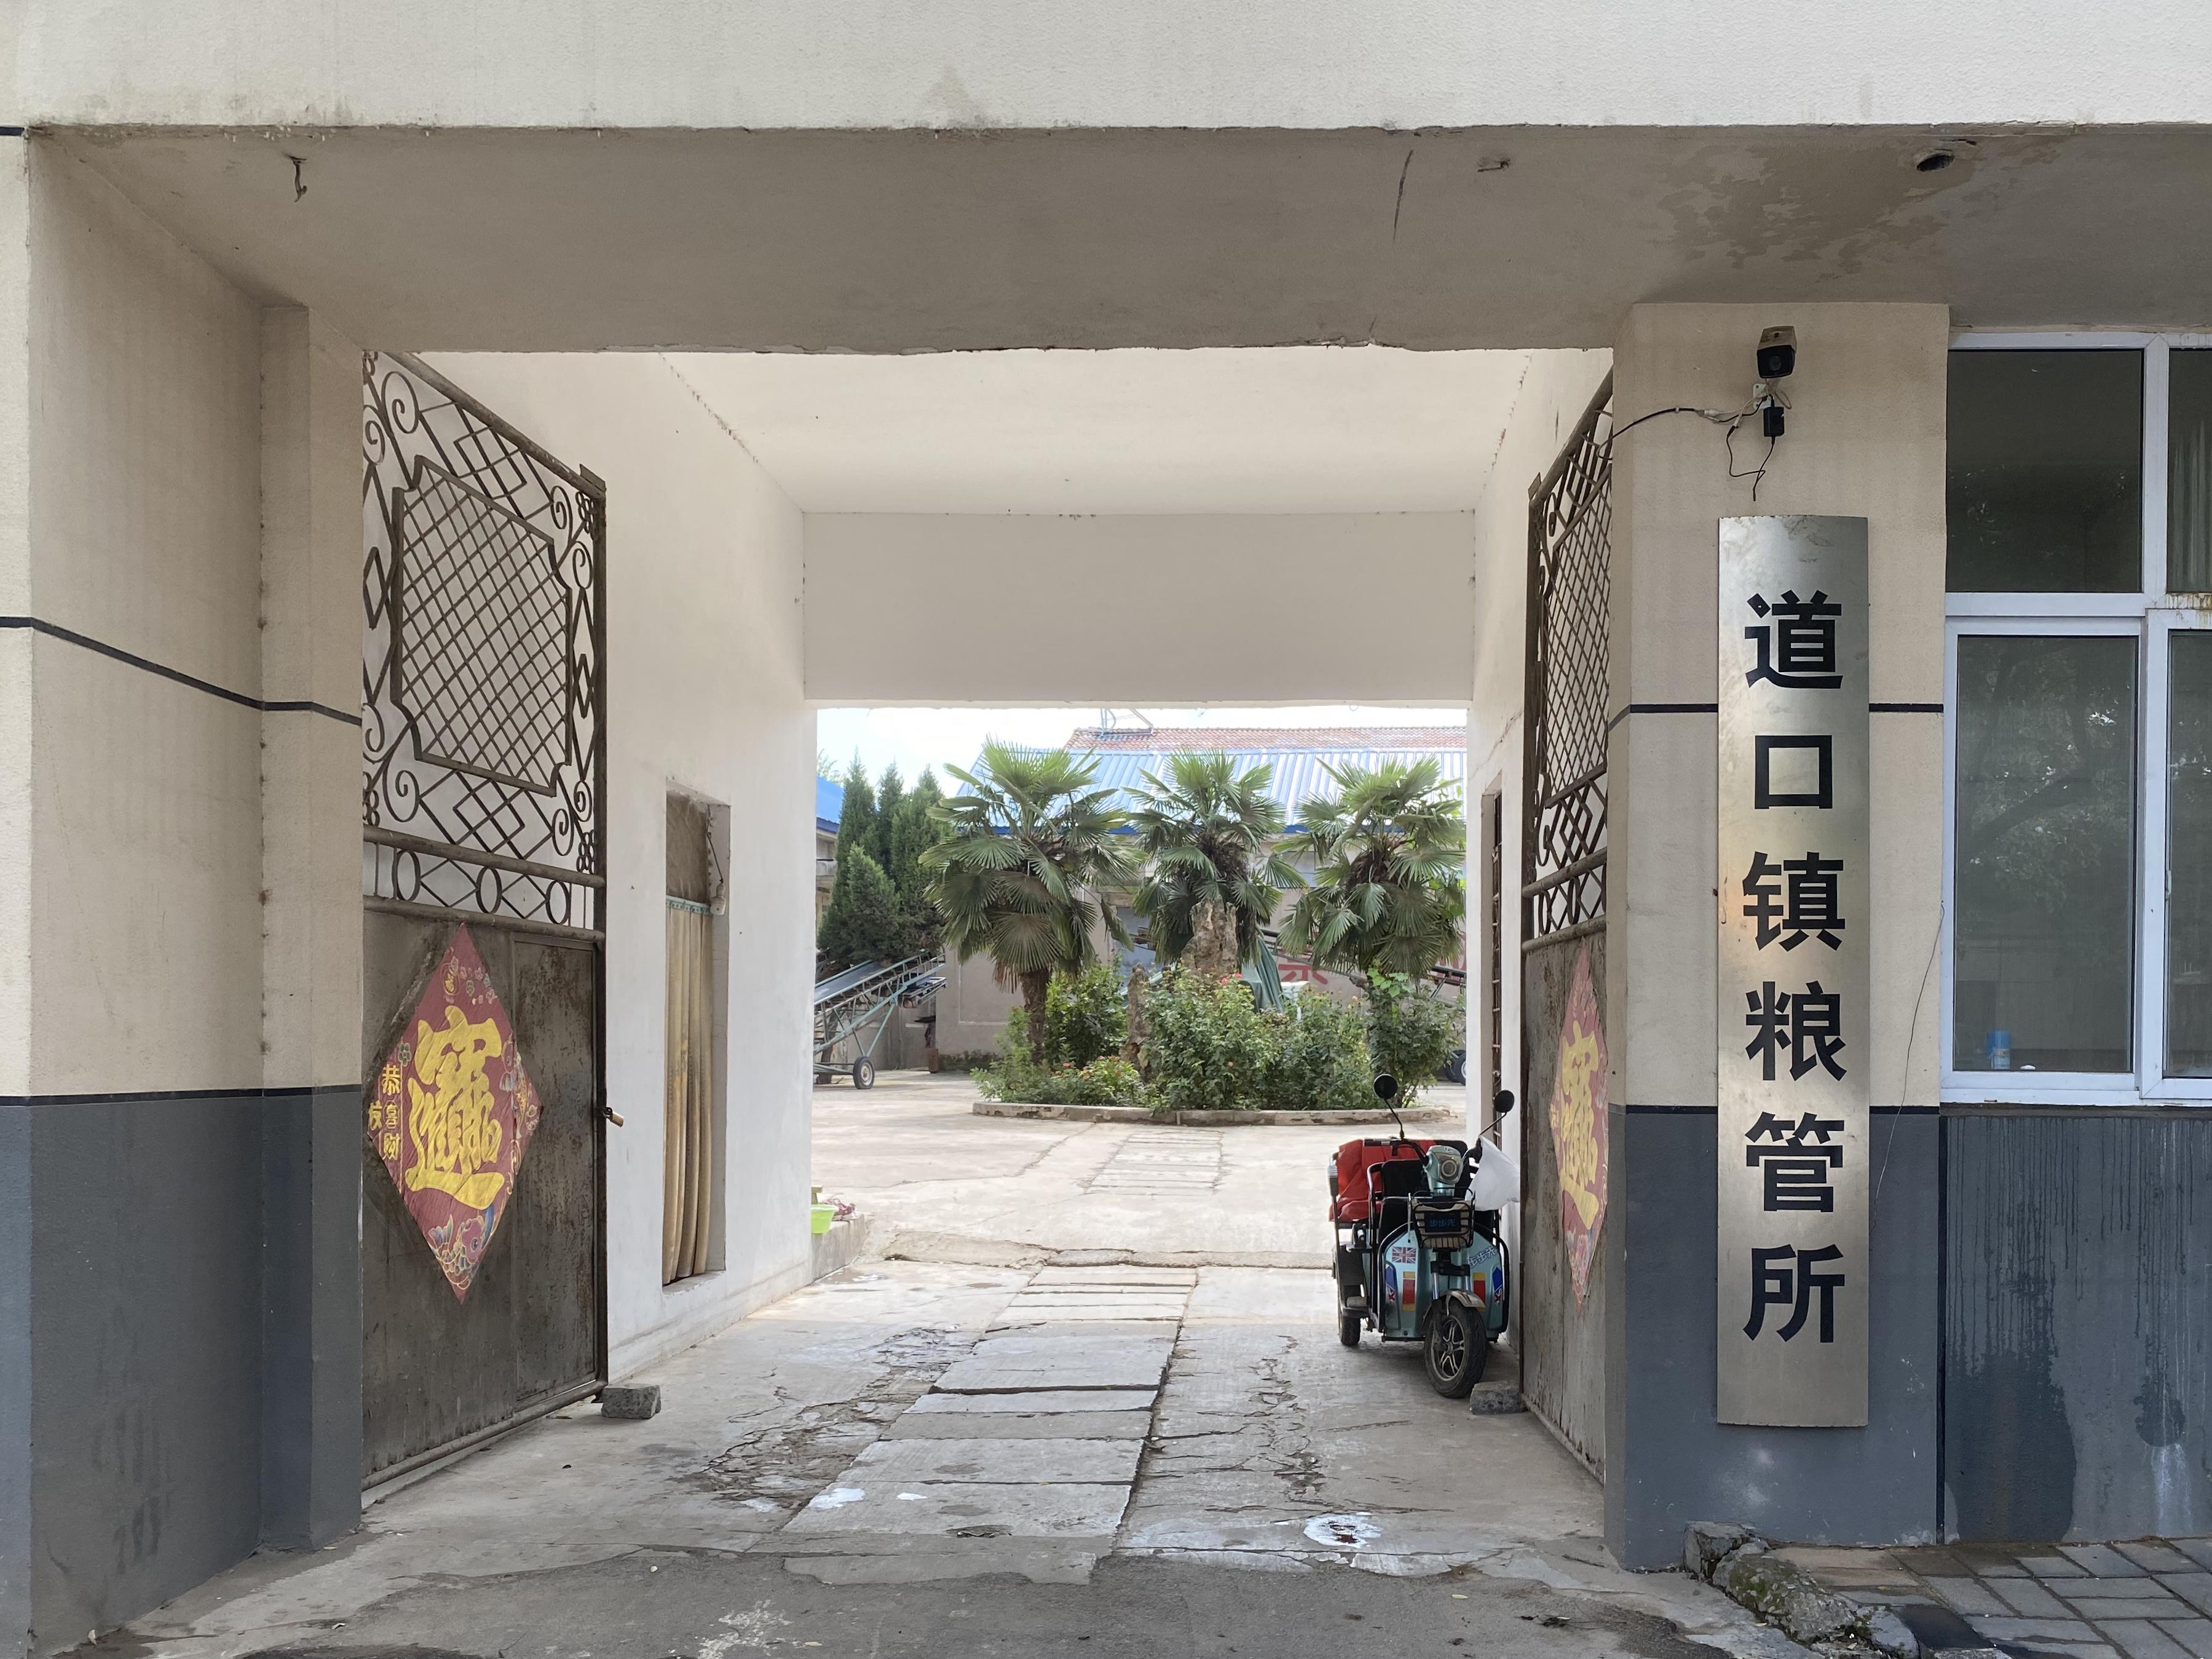 滑县粮库 澎湃新闻记者 陈凌瑶 图